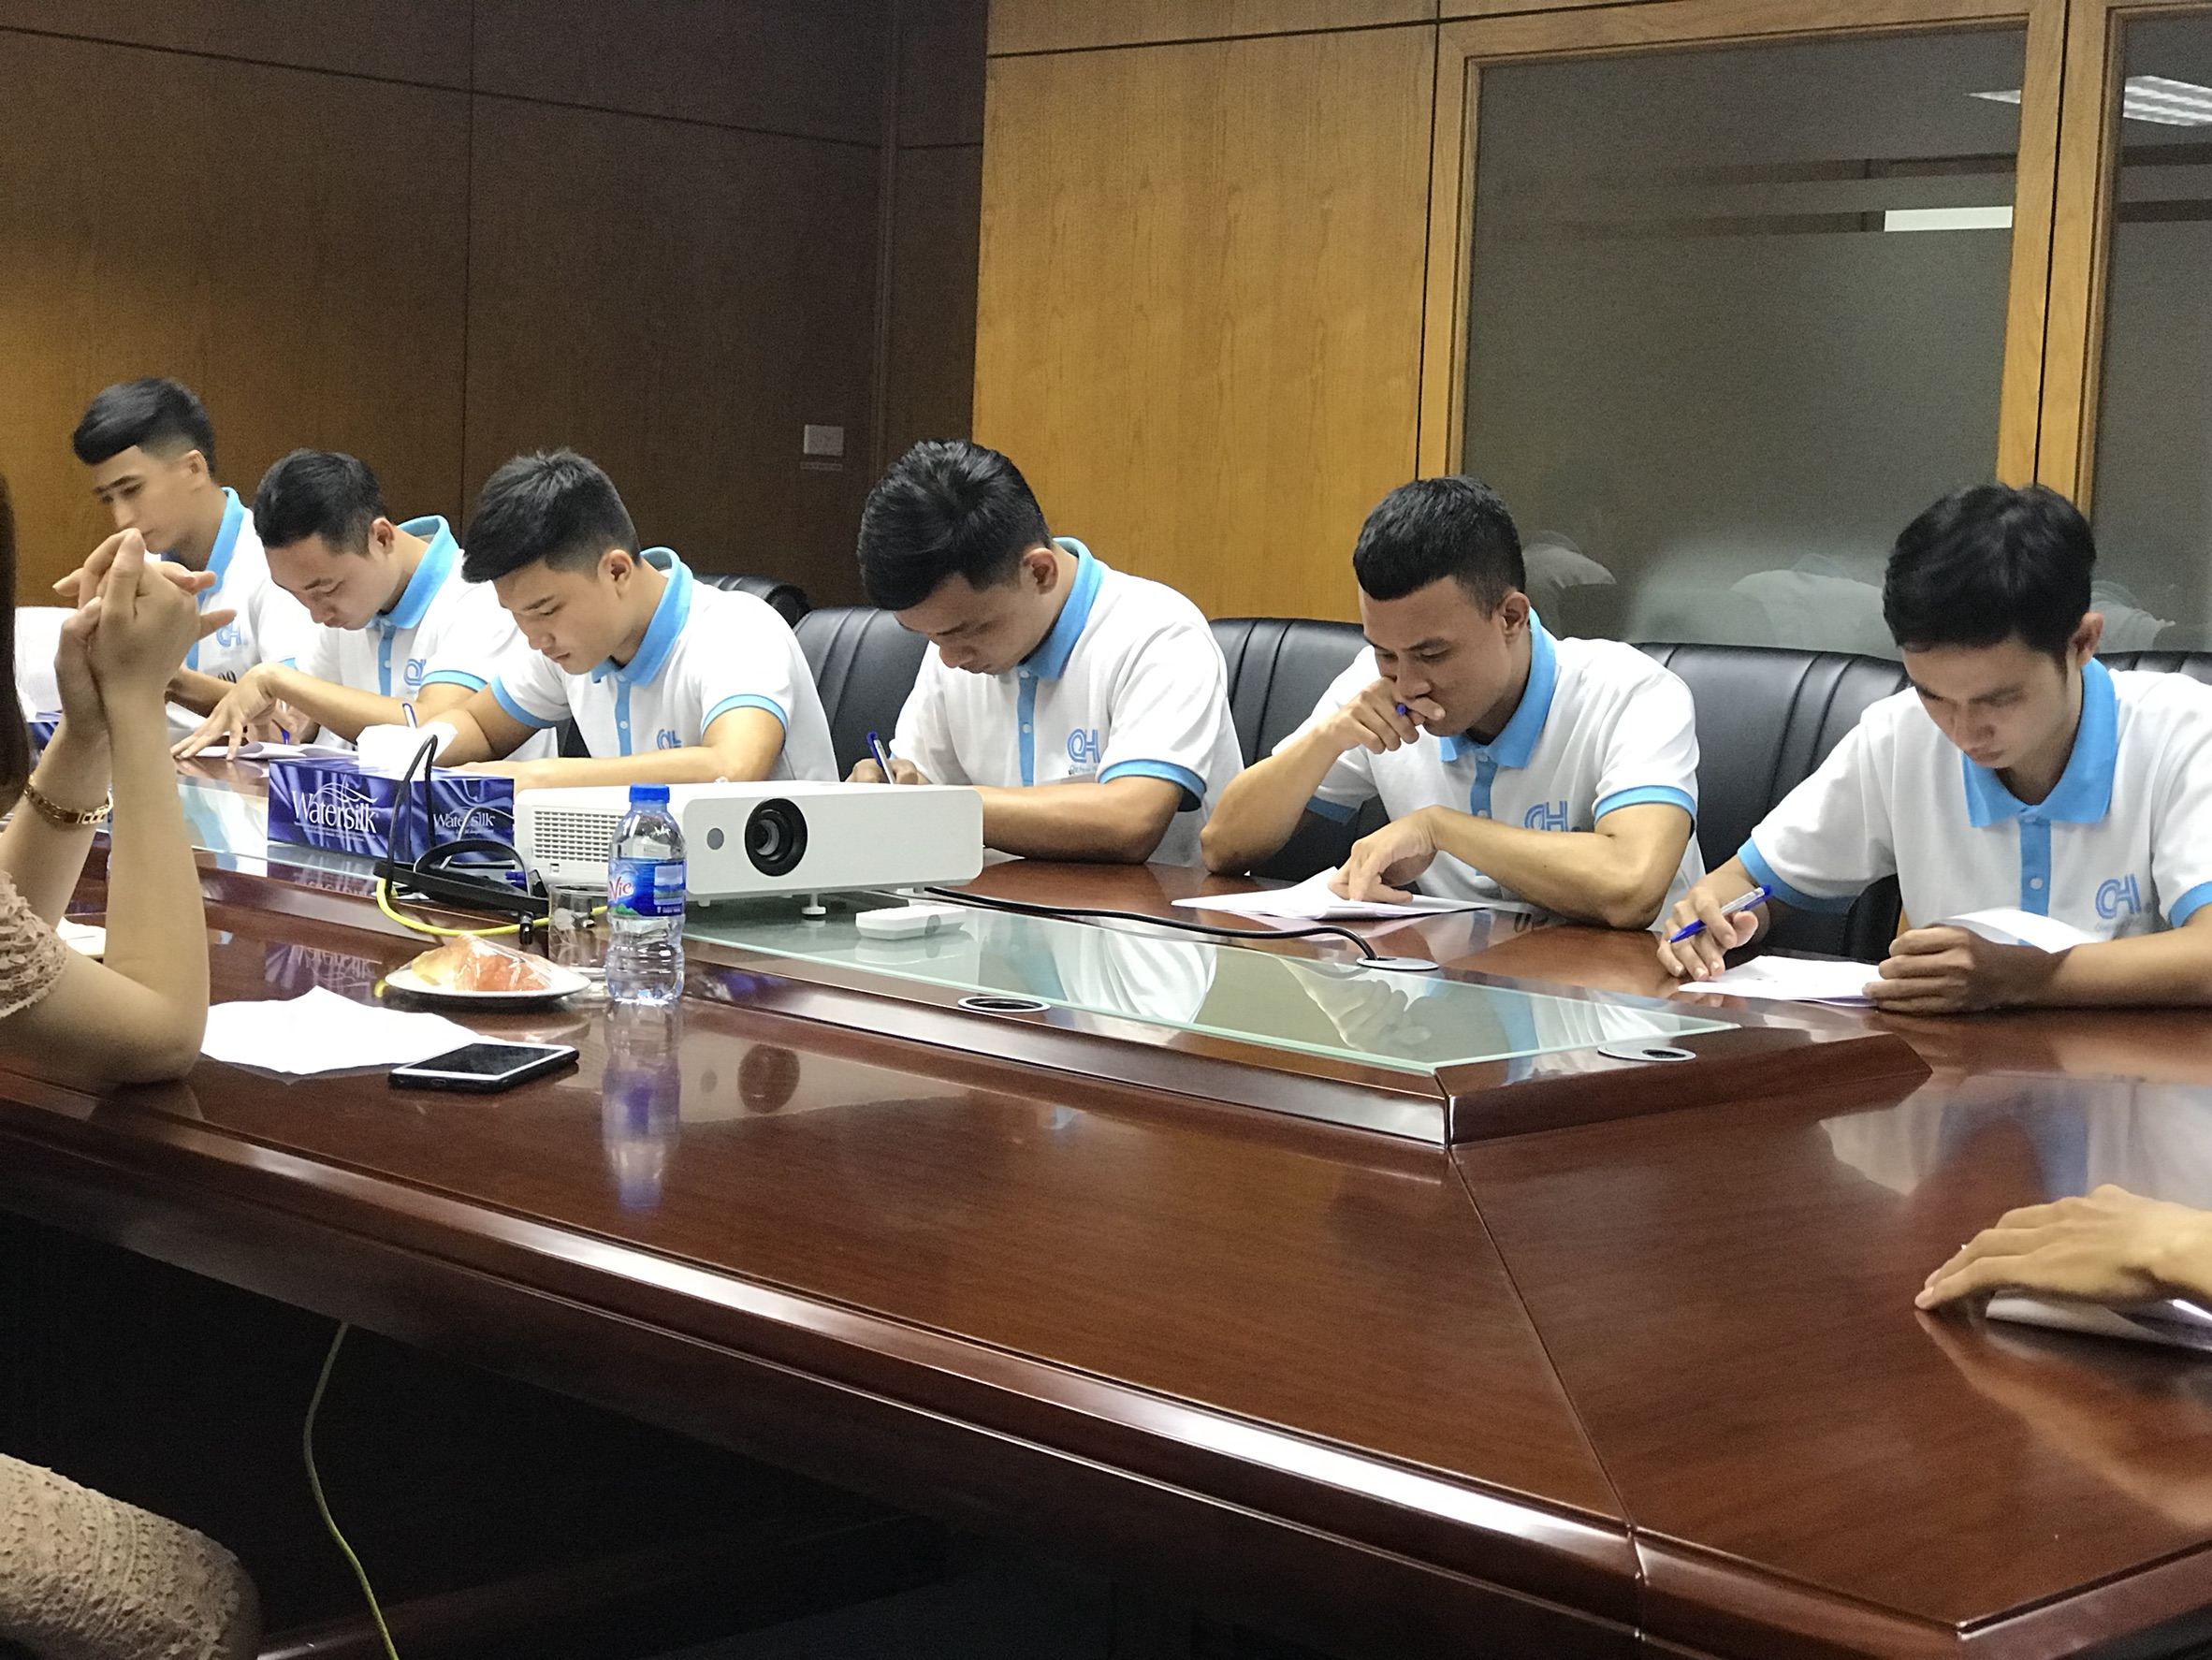 ベトナム人技能実習生、現地での面接風景